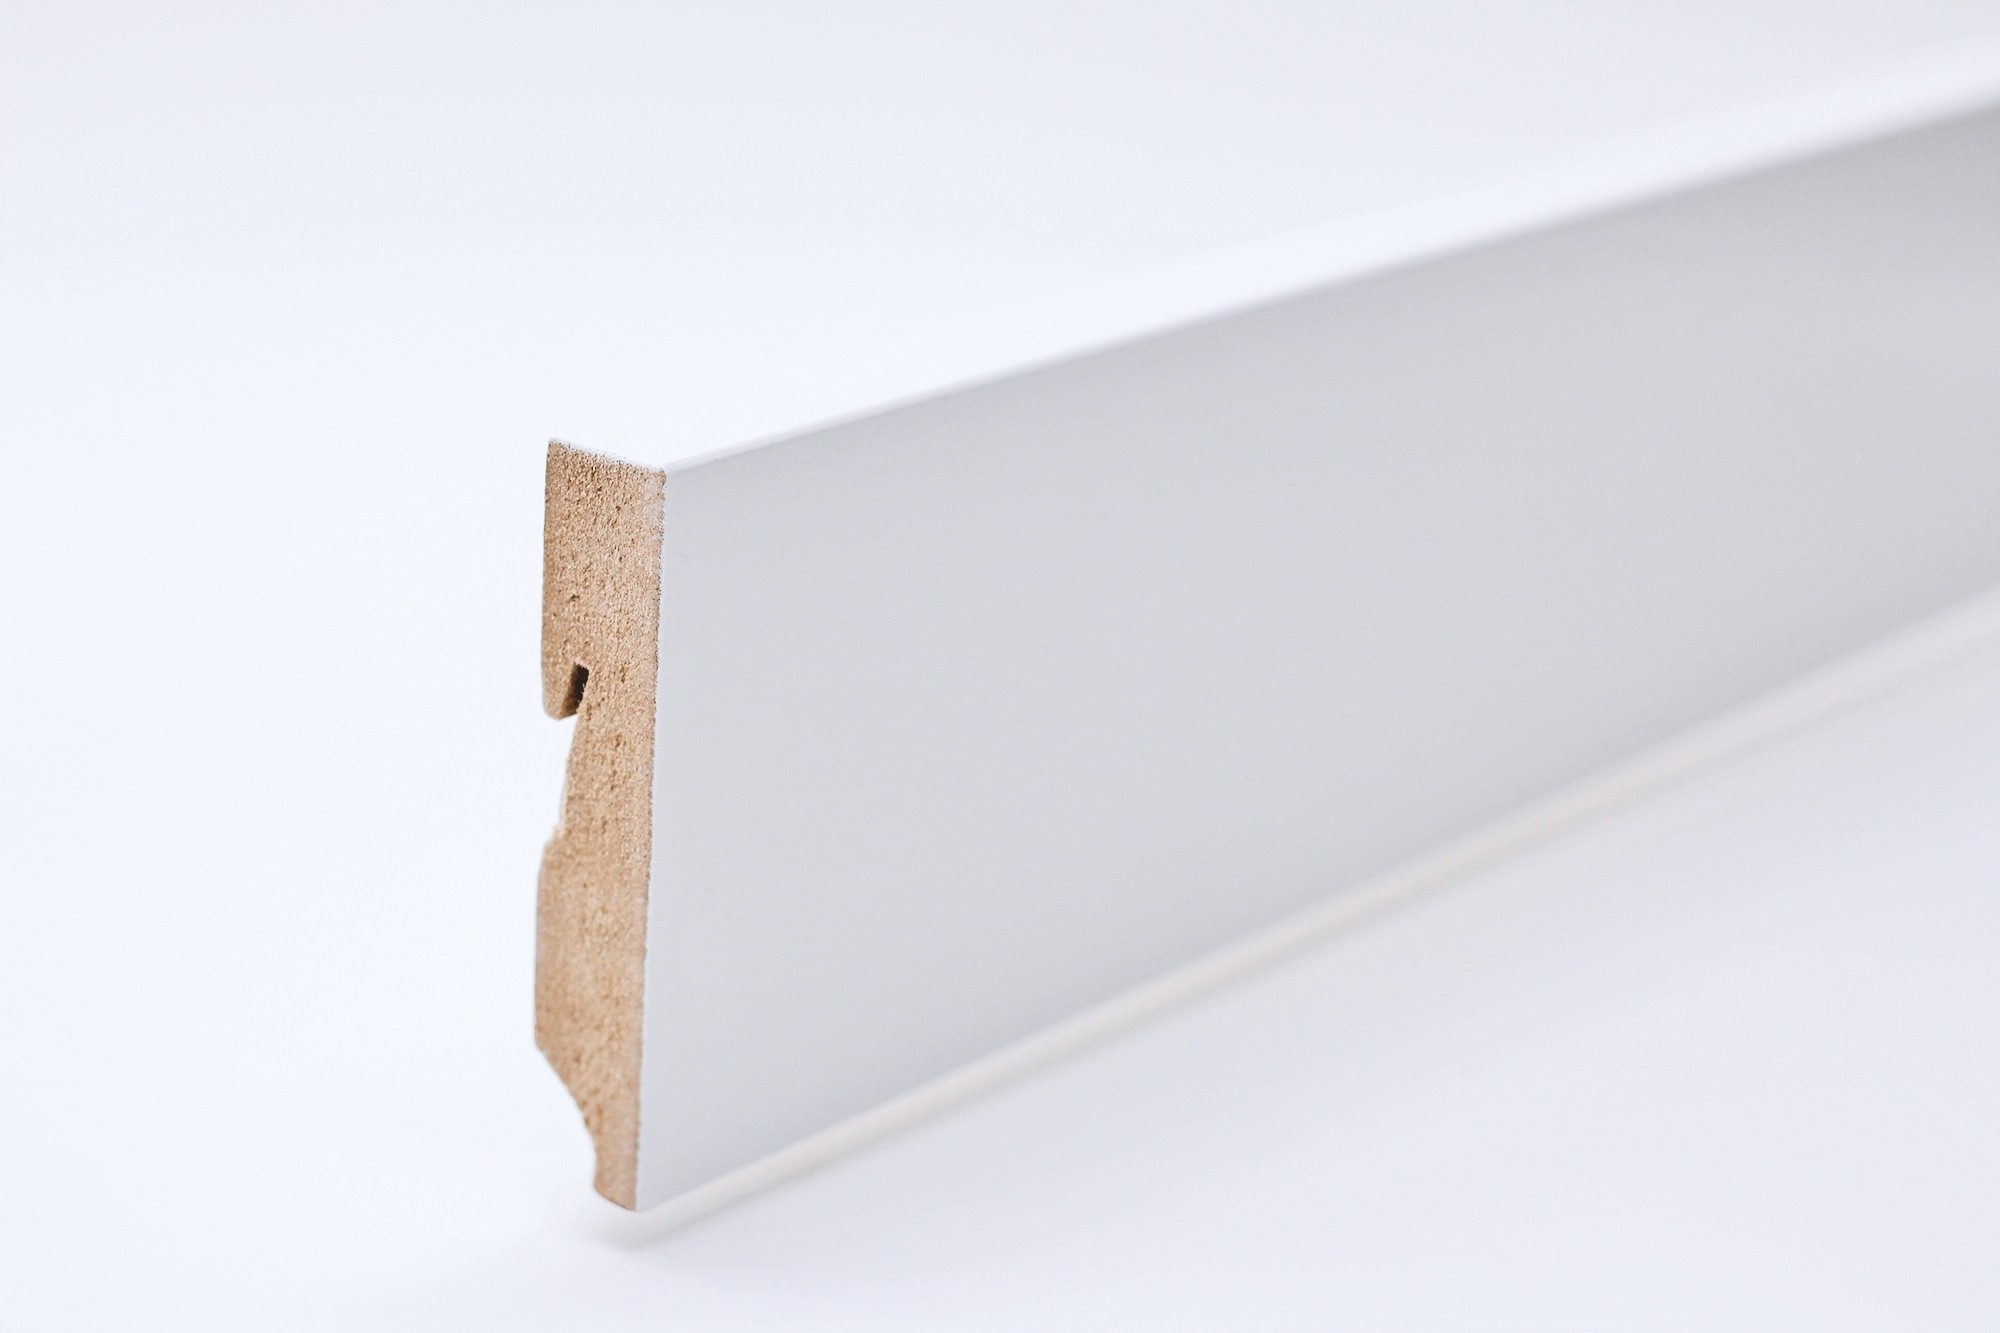 Sockelleiste (2400 x 16 x 80) eckig gefast weiß lackiert - Interio